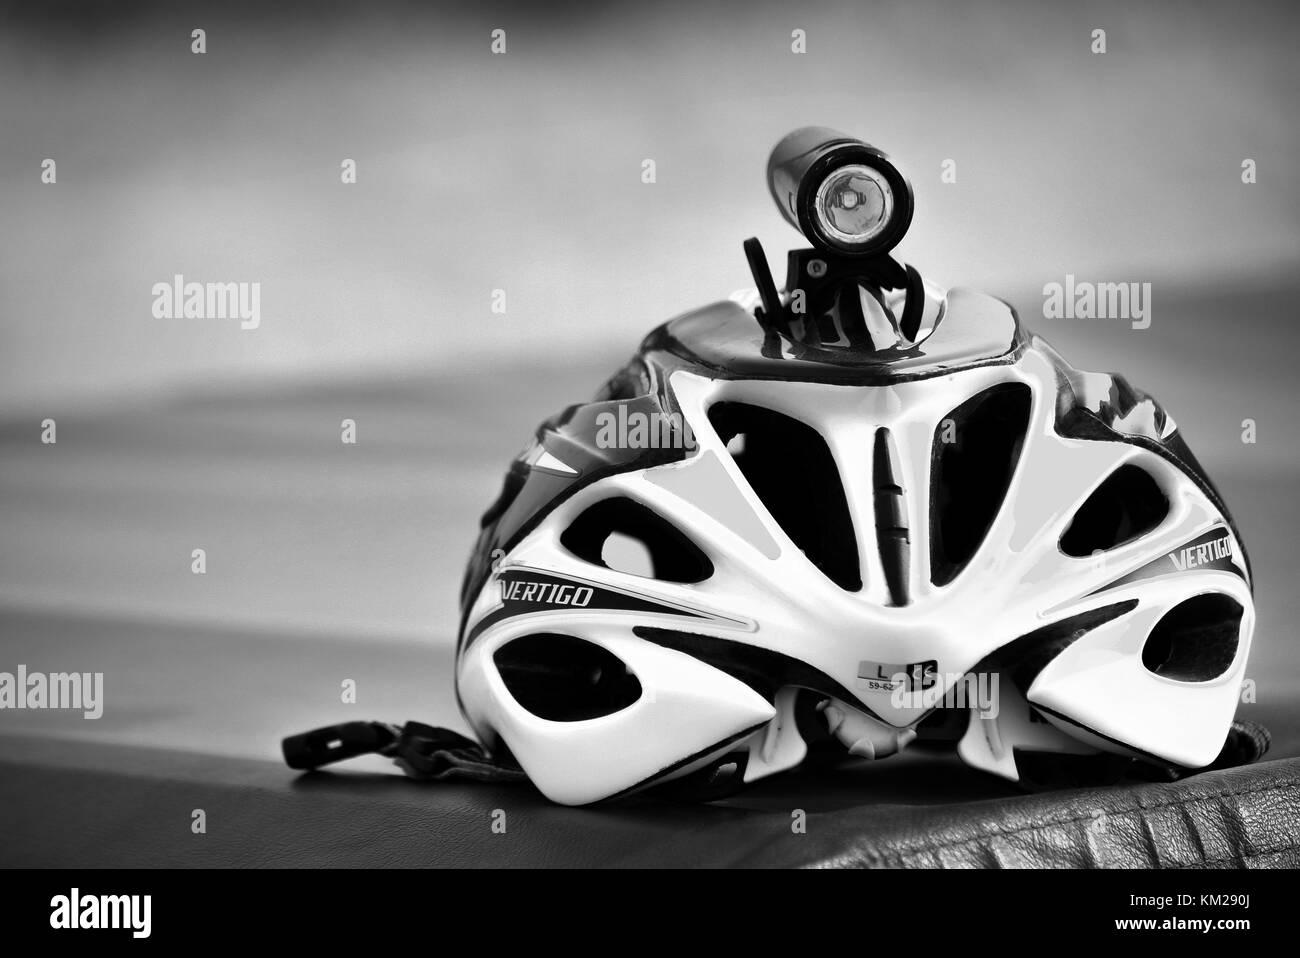 Giro casco con luz de visión nocturna Imagen De Stock